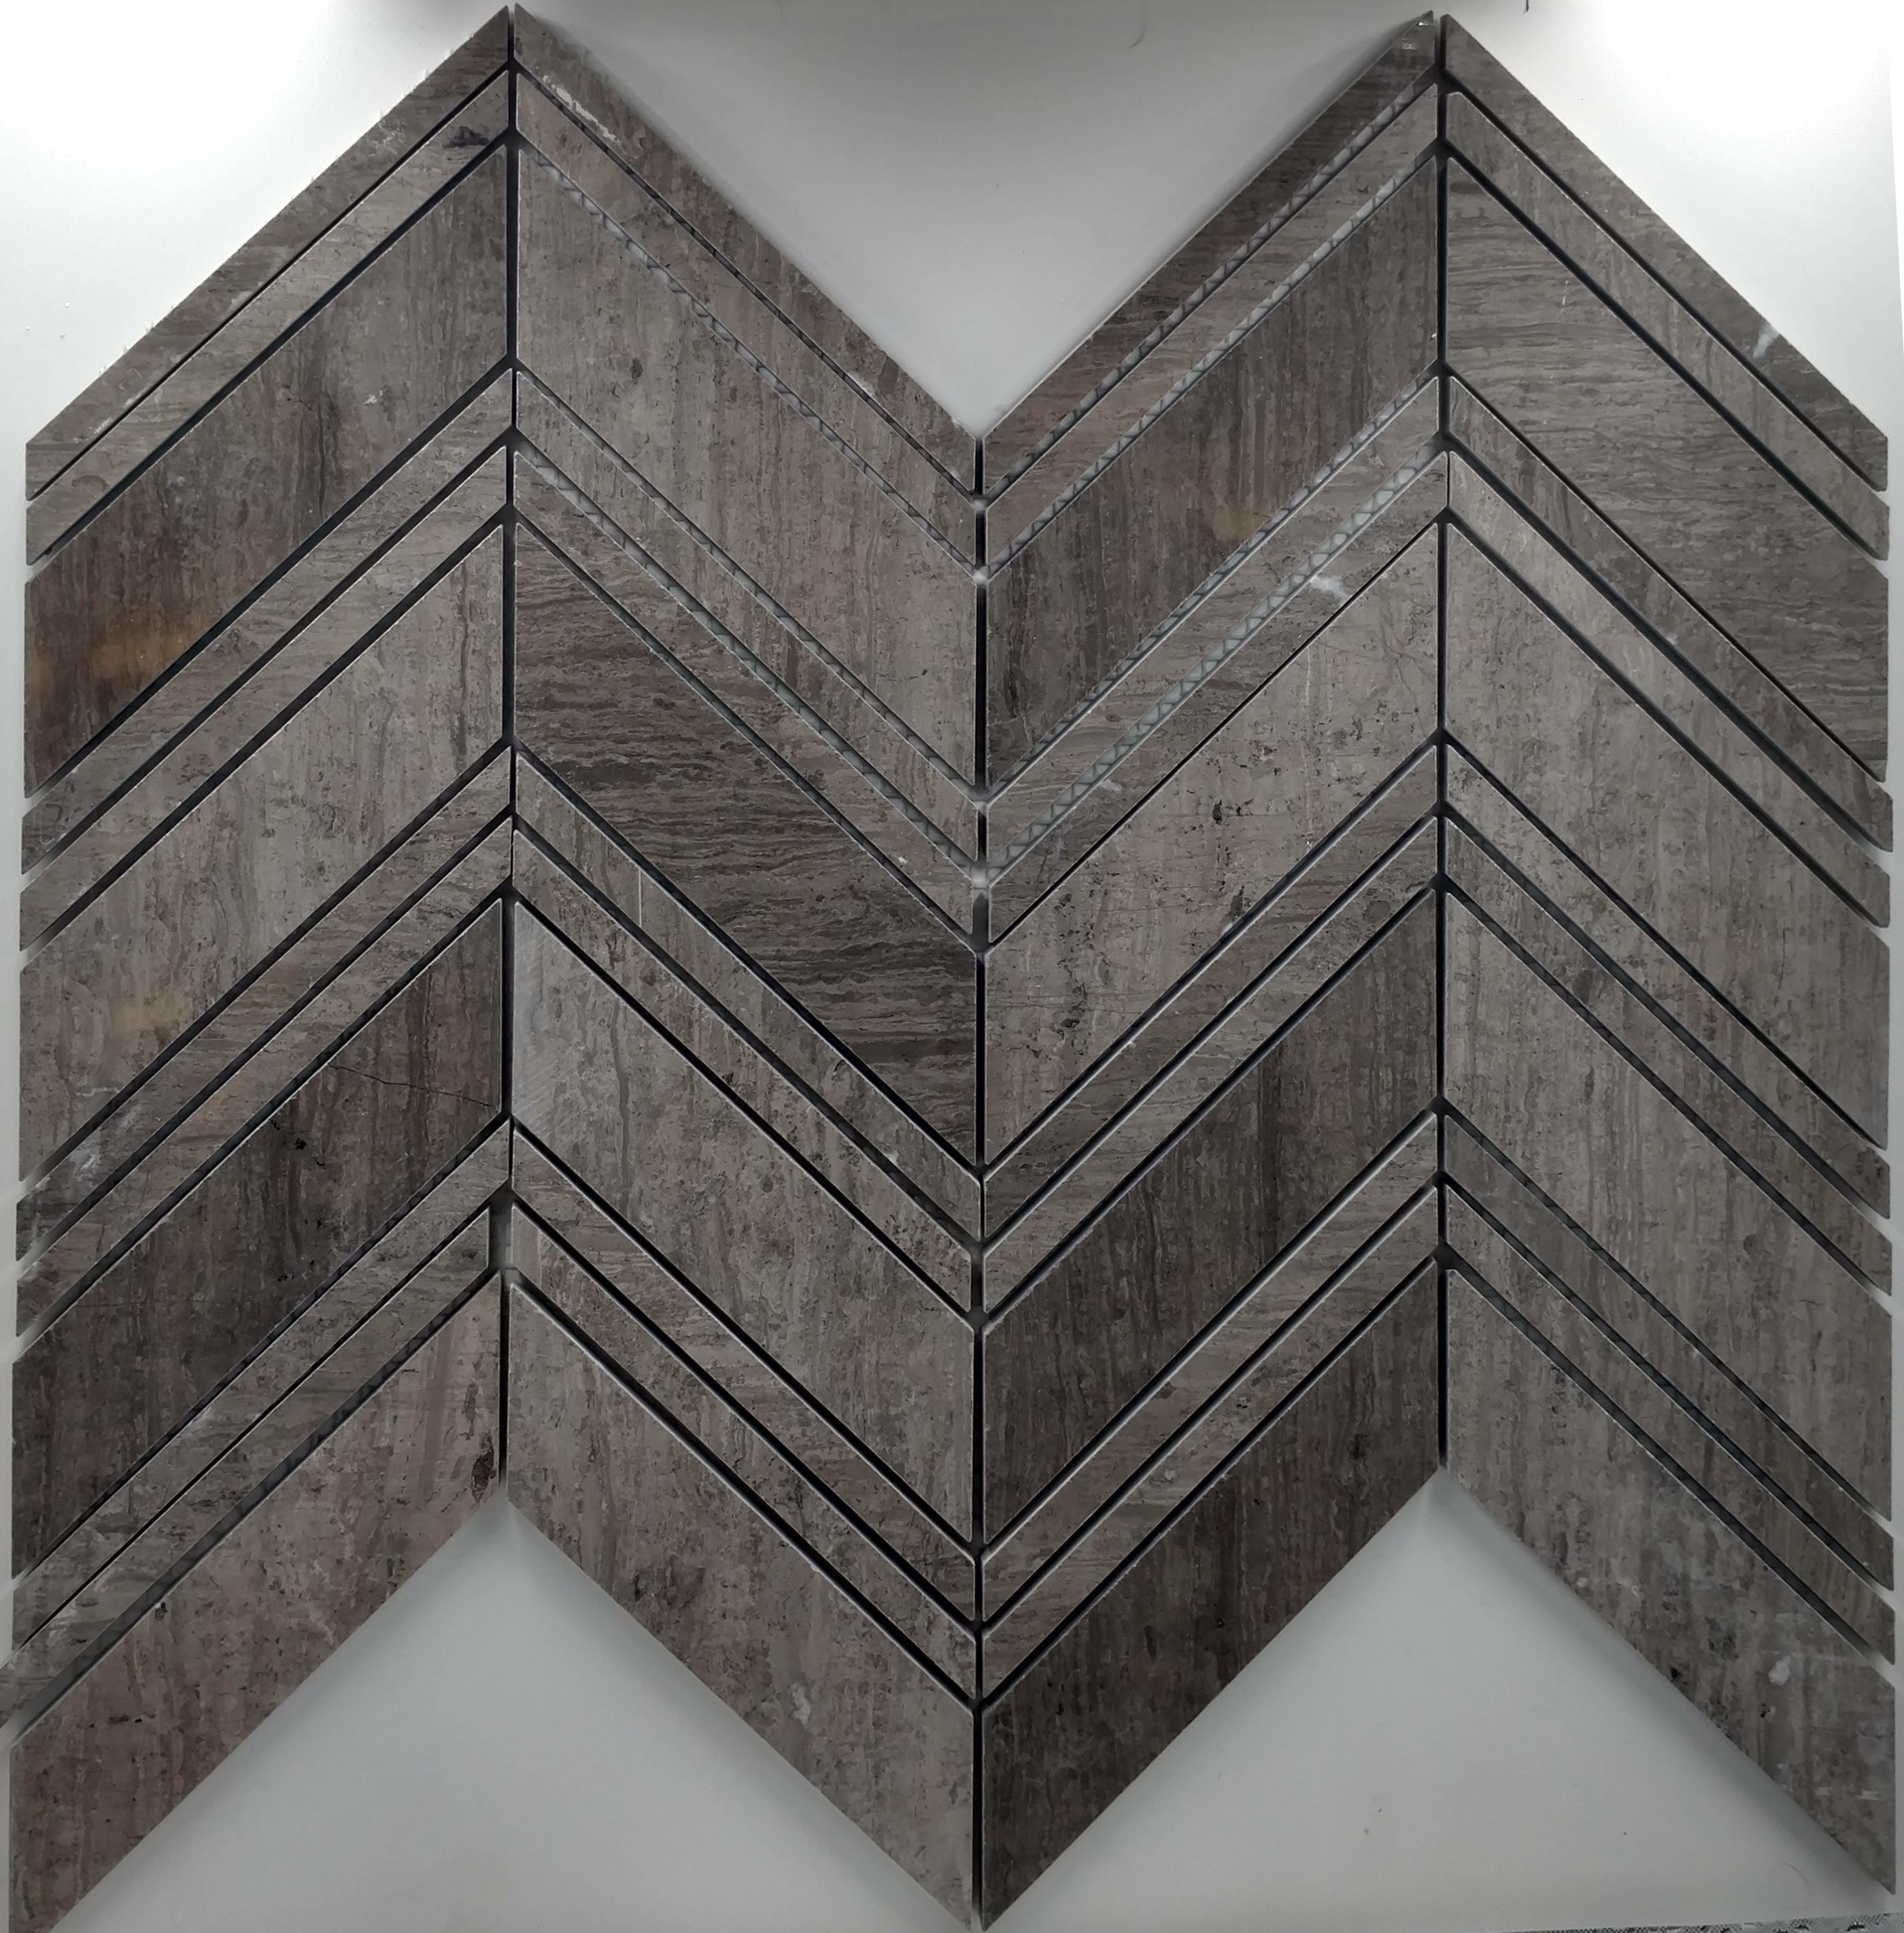 Peak and valley gray vein bella casa tile collection for Bella casa tiles